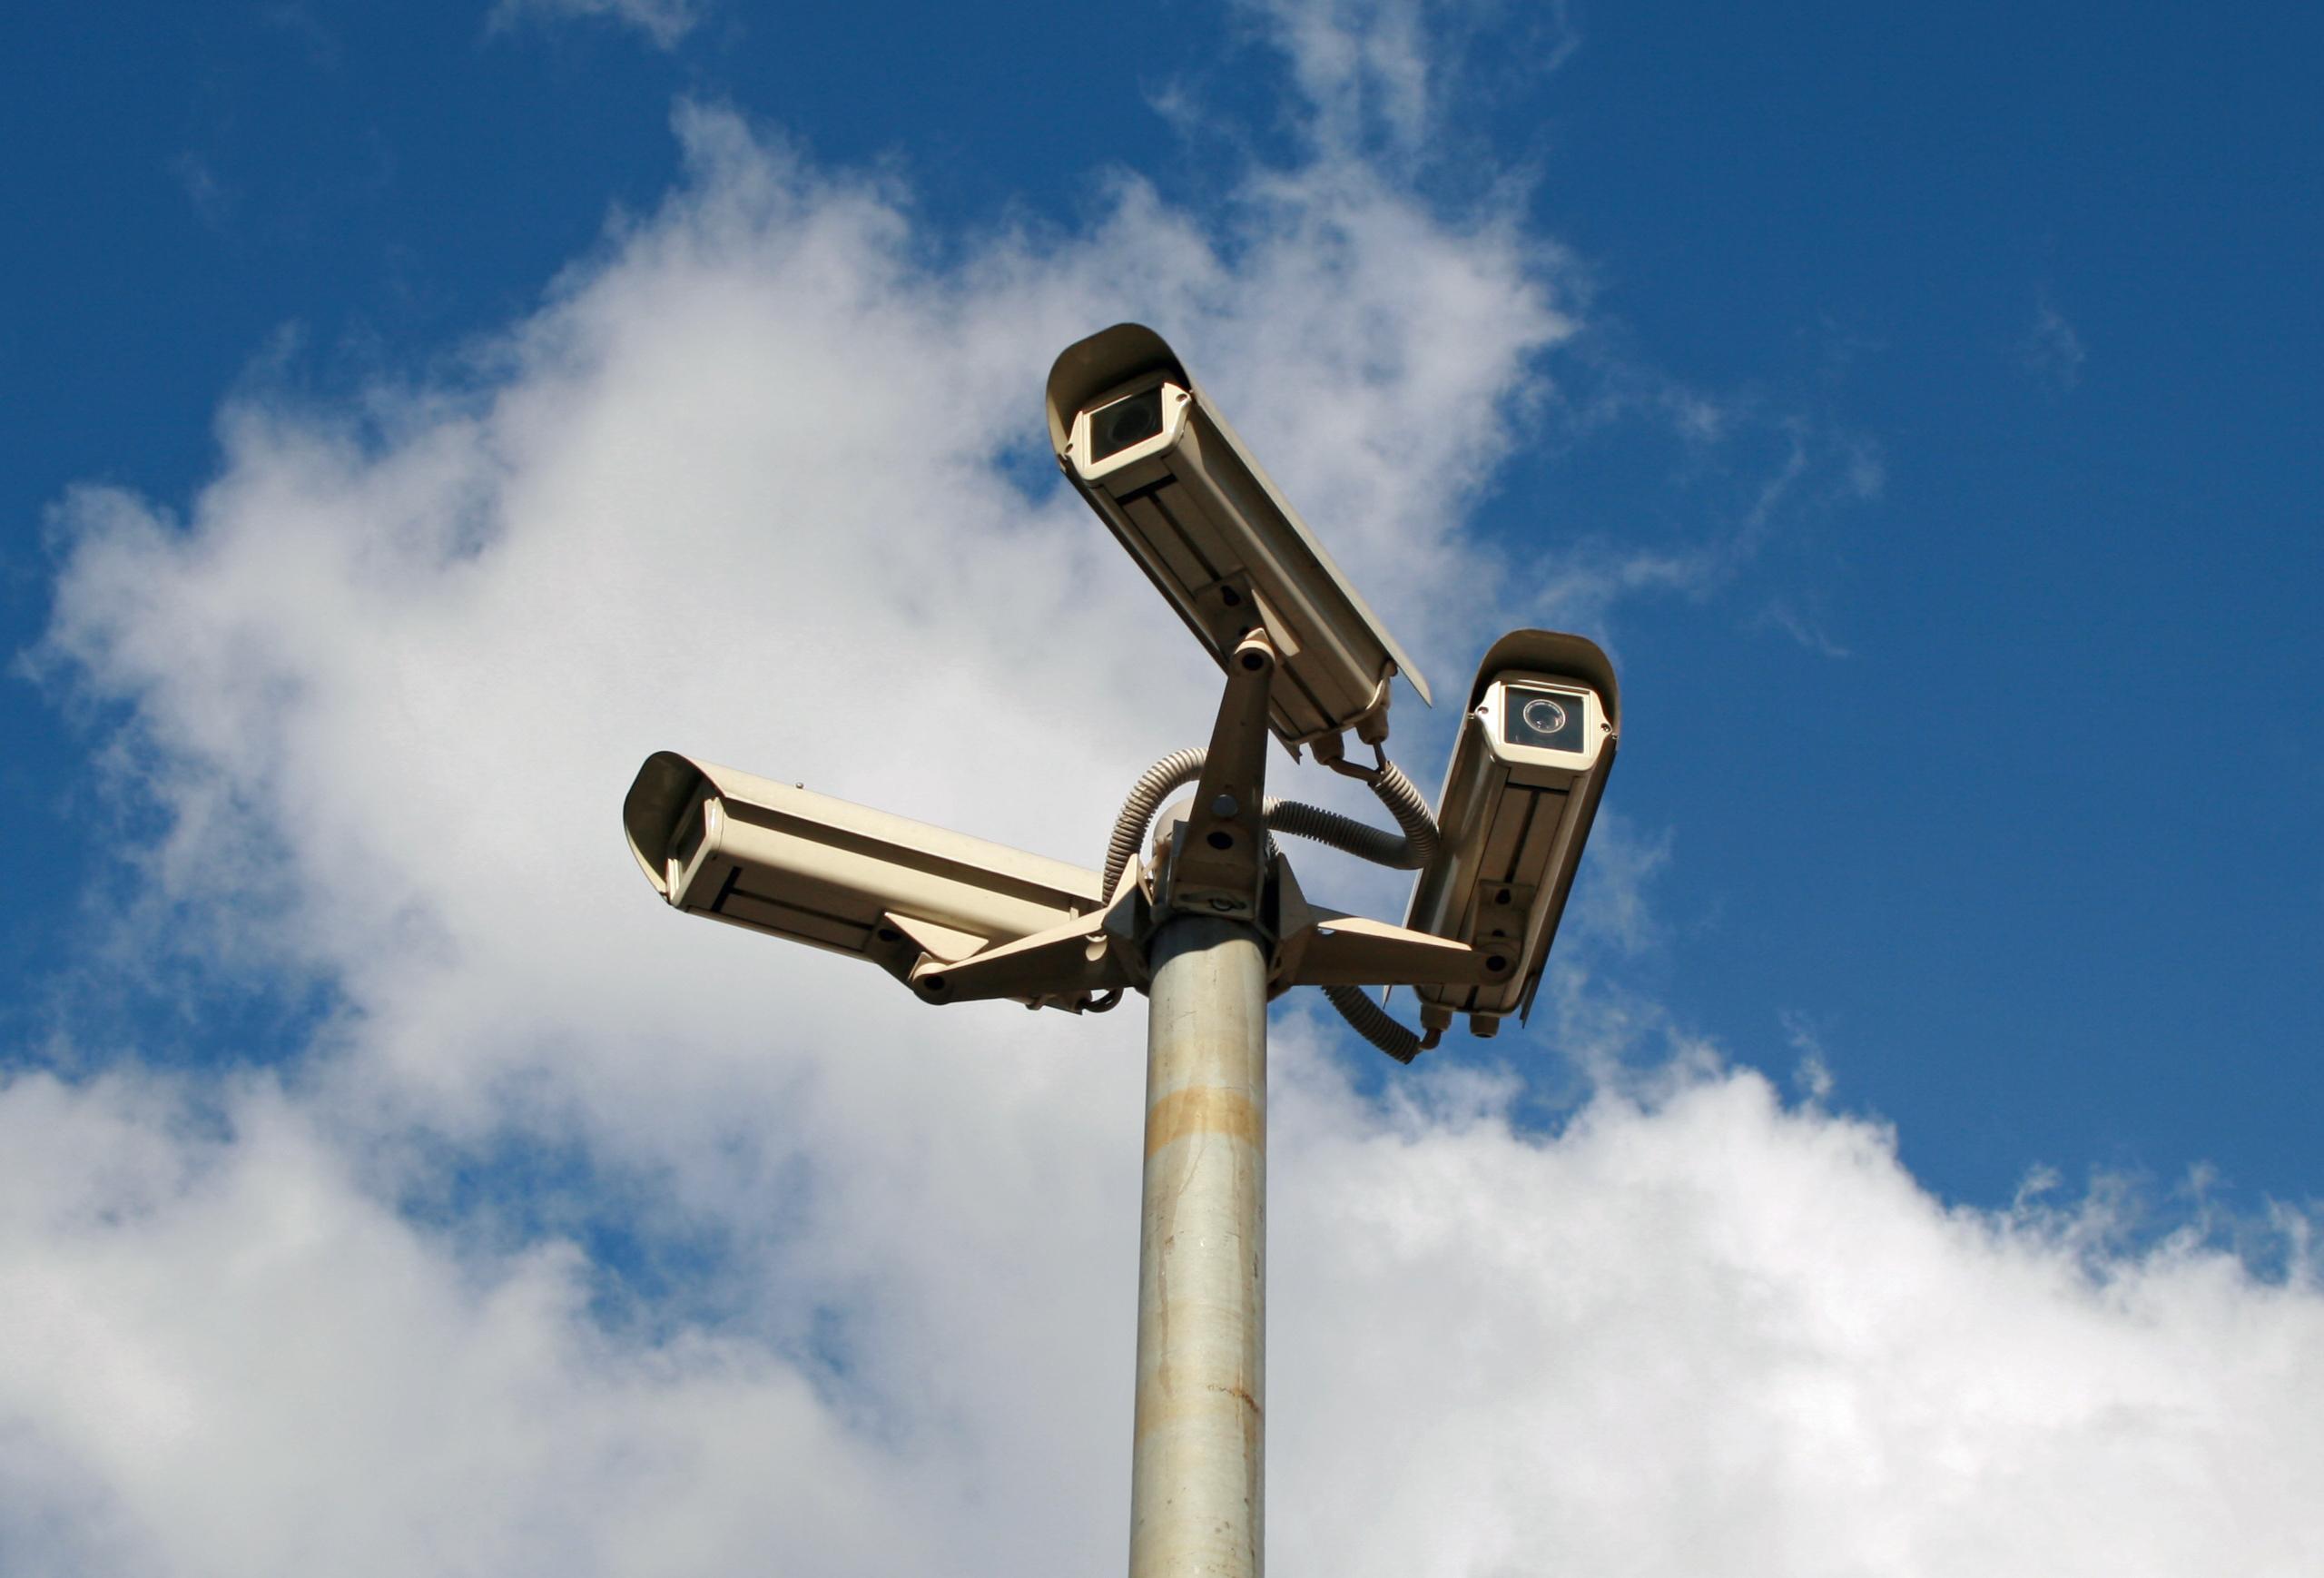 Videoovervågning: Bryder du loven?